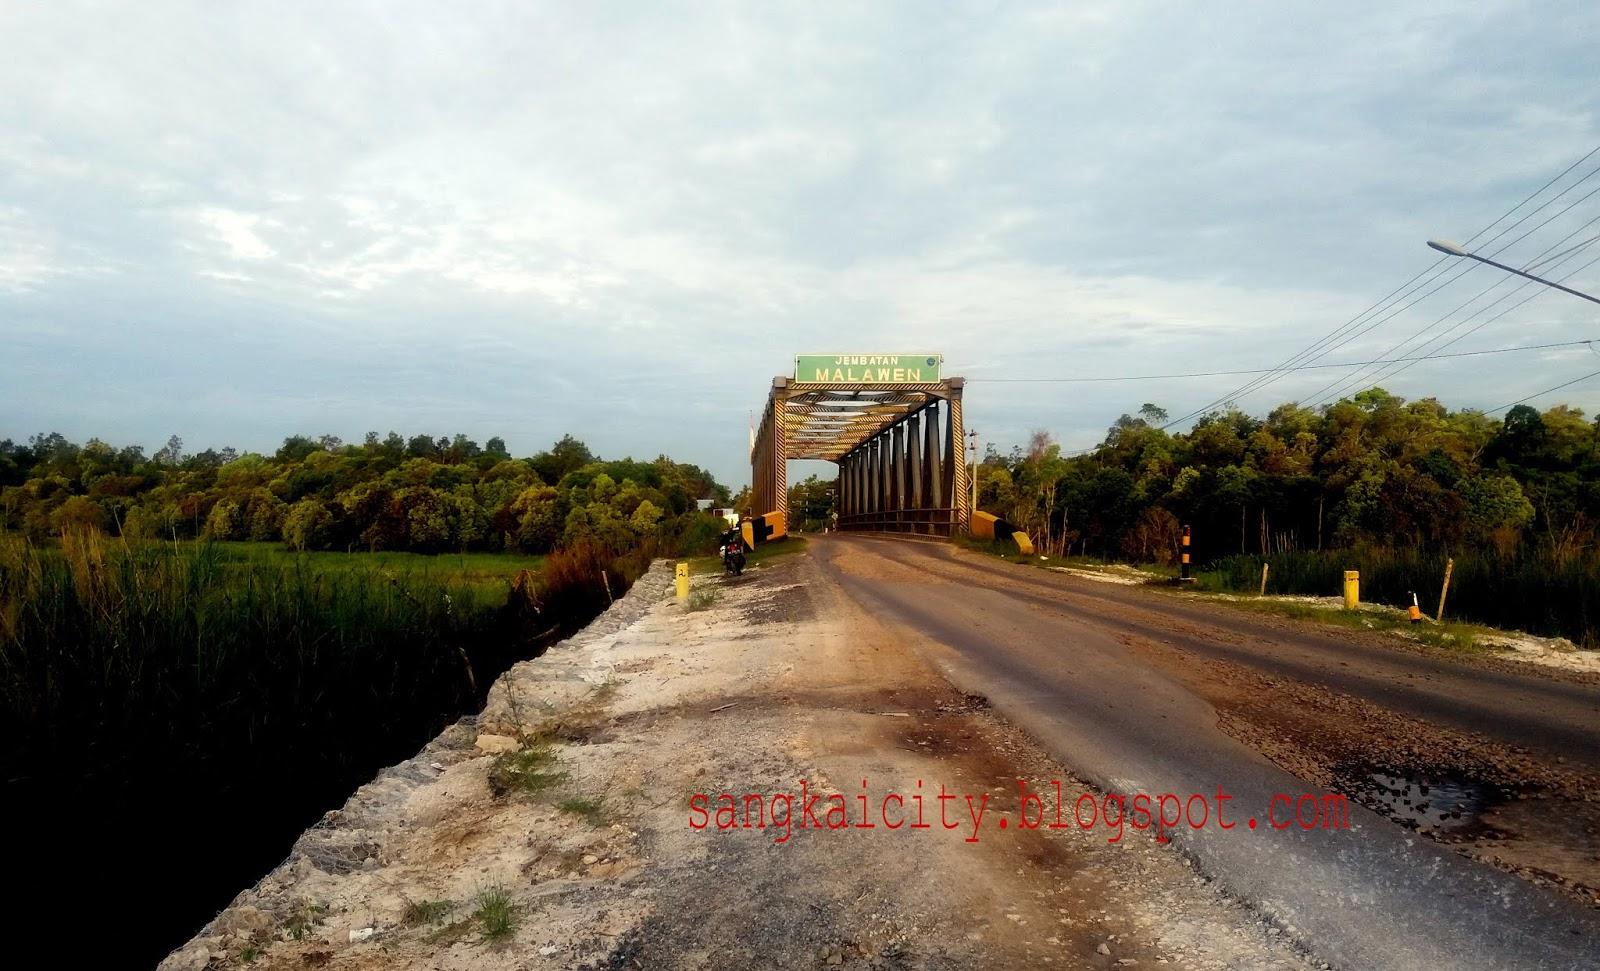 Cerita Danau Malawen Cerita Rakyat Barito Selatan Sangkay City